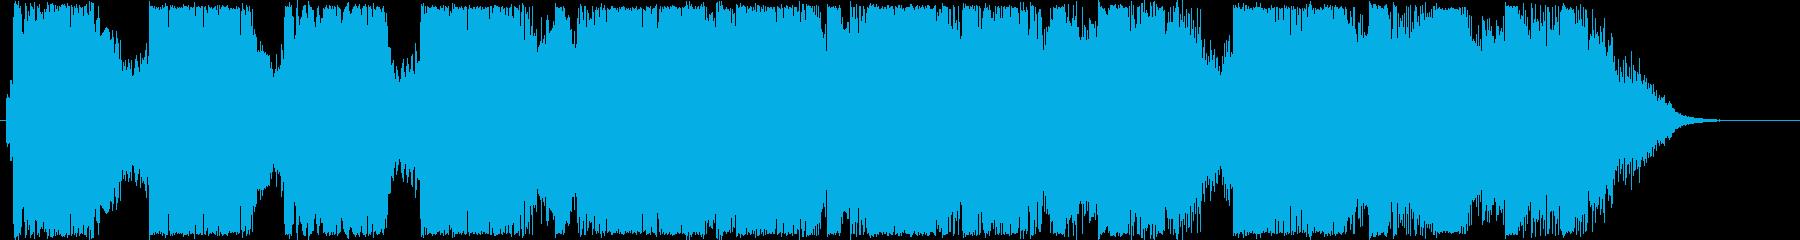 優しくふんわりしたオルゴール音の再生済みの波形